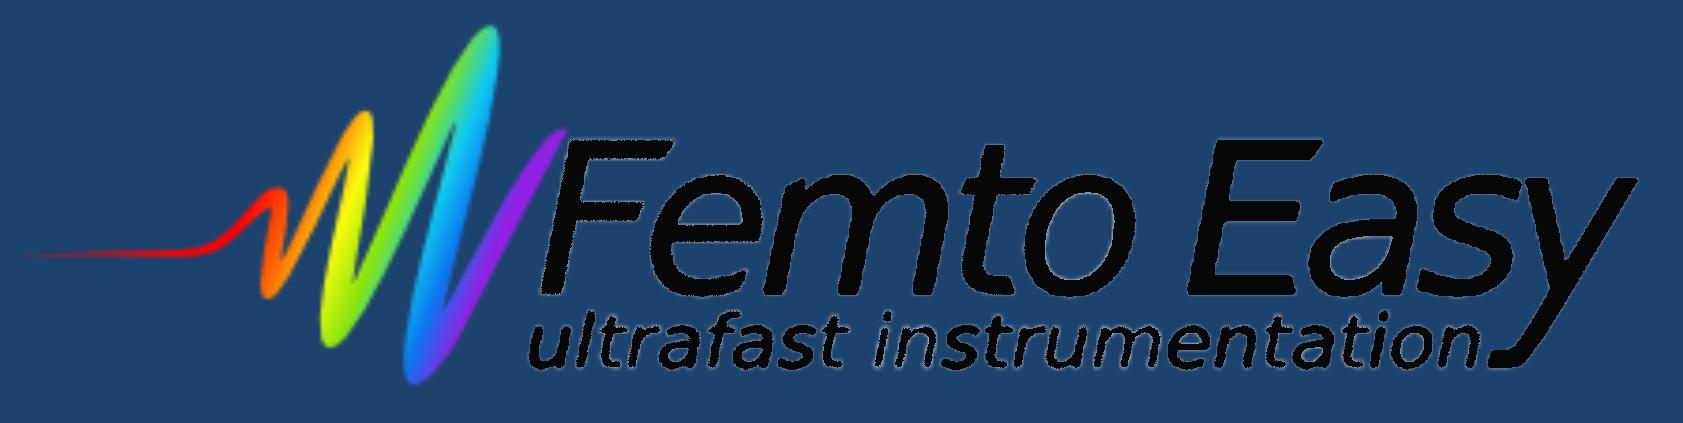 Femtro Easy メーカーロゴ